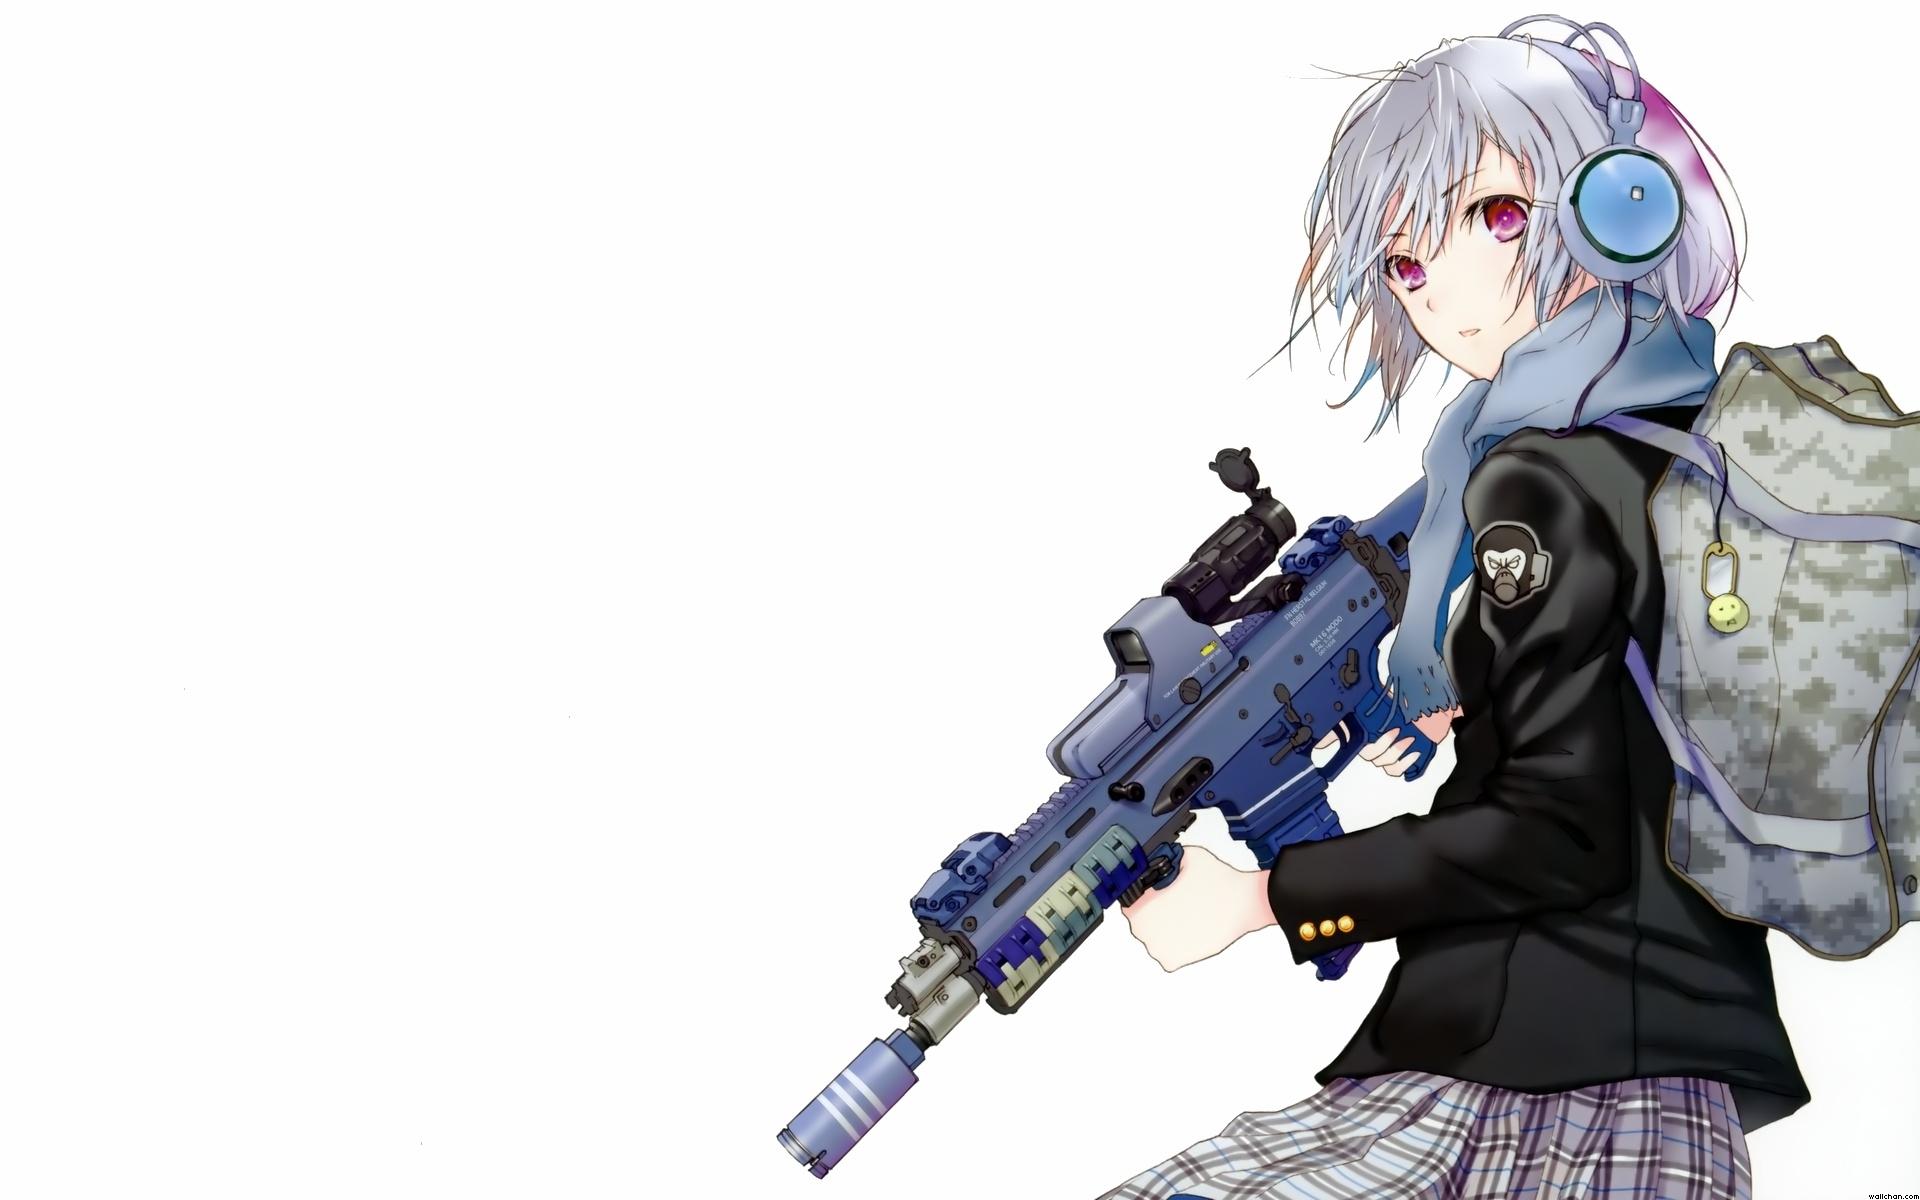 Anime Gamer Girl 4K Ultra HD